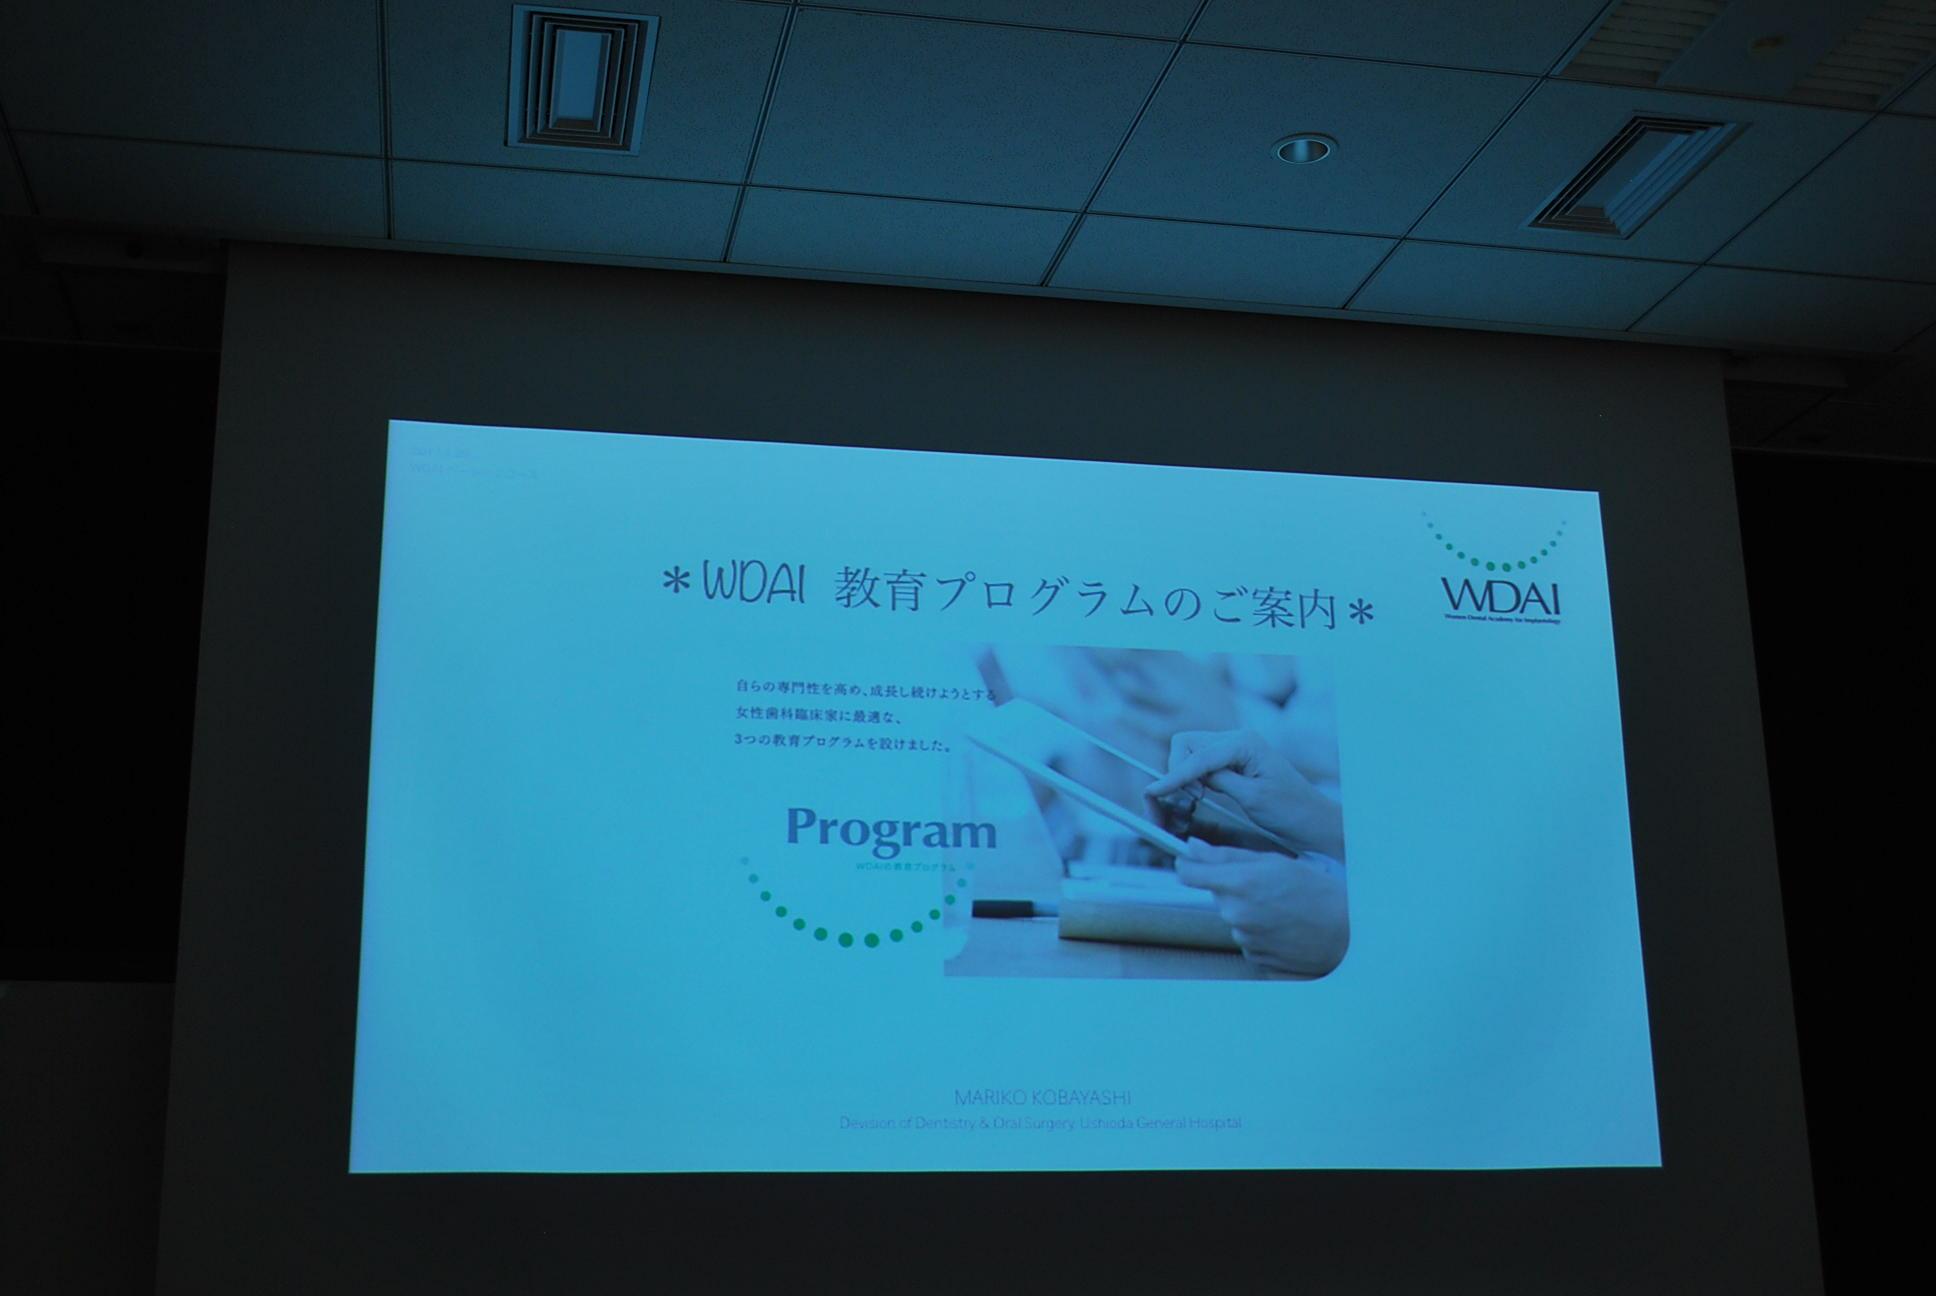 WDAI教育プログラムの紹介